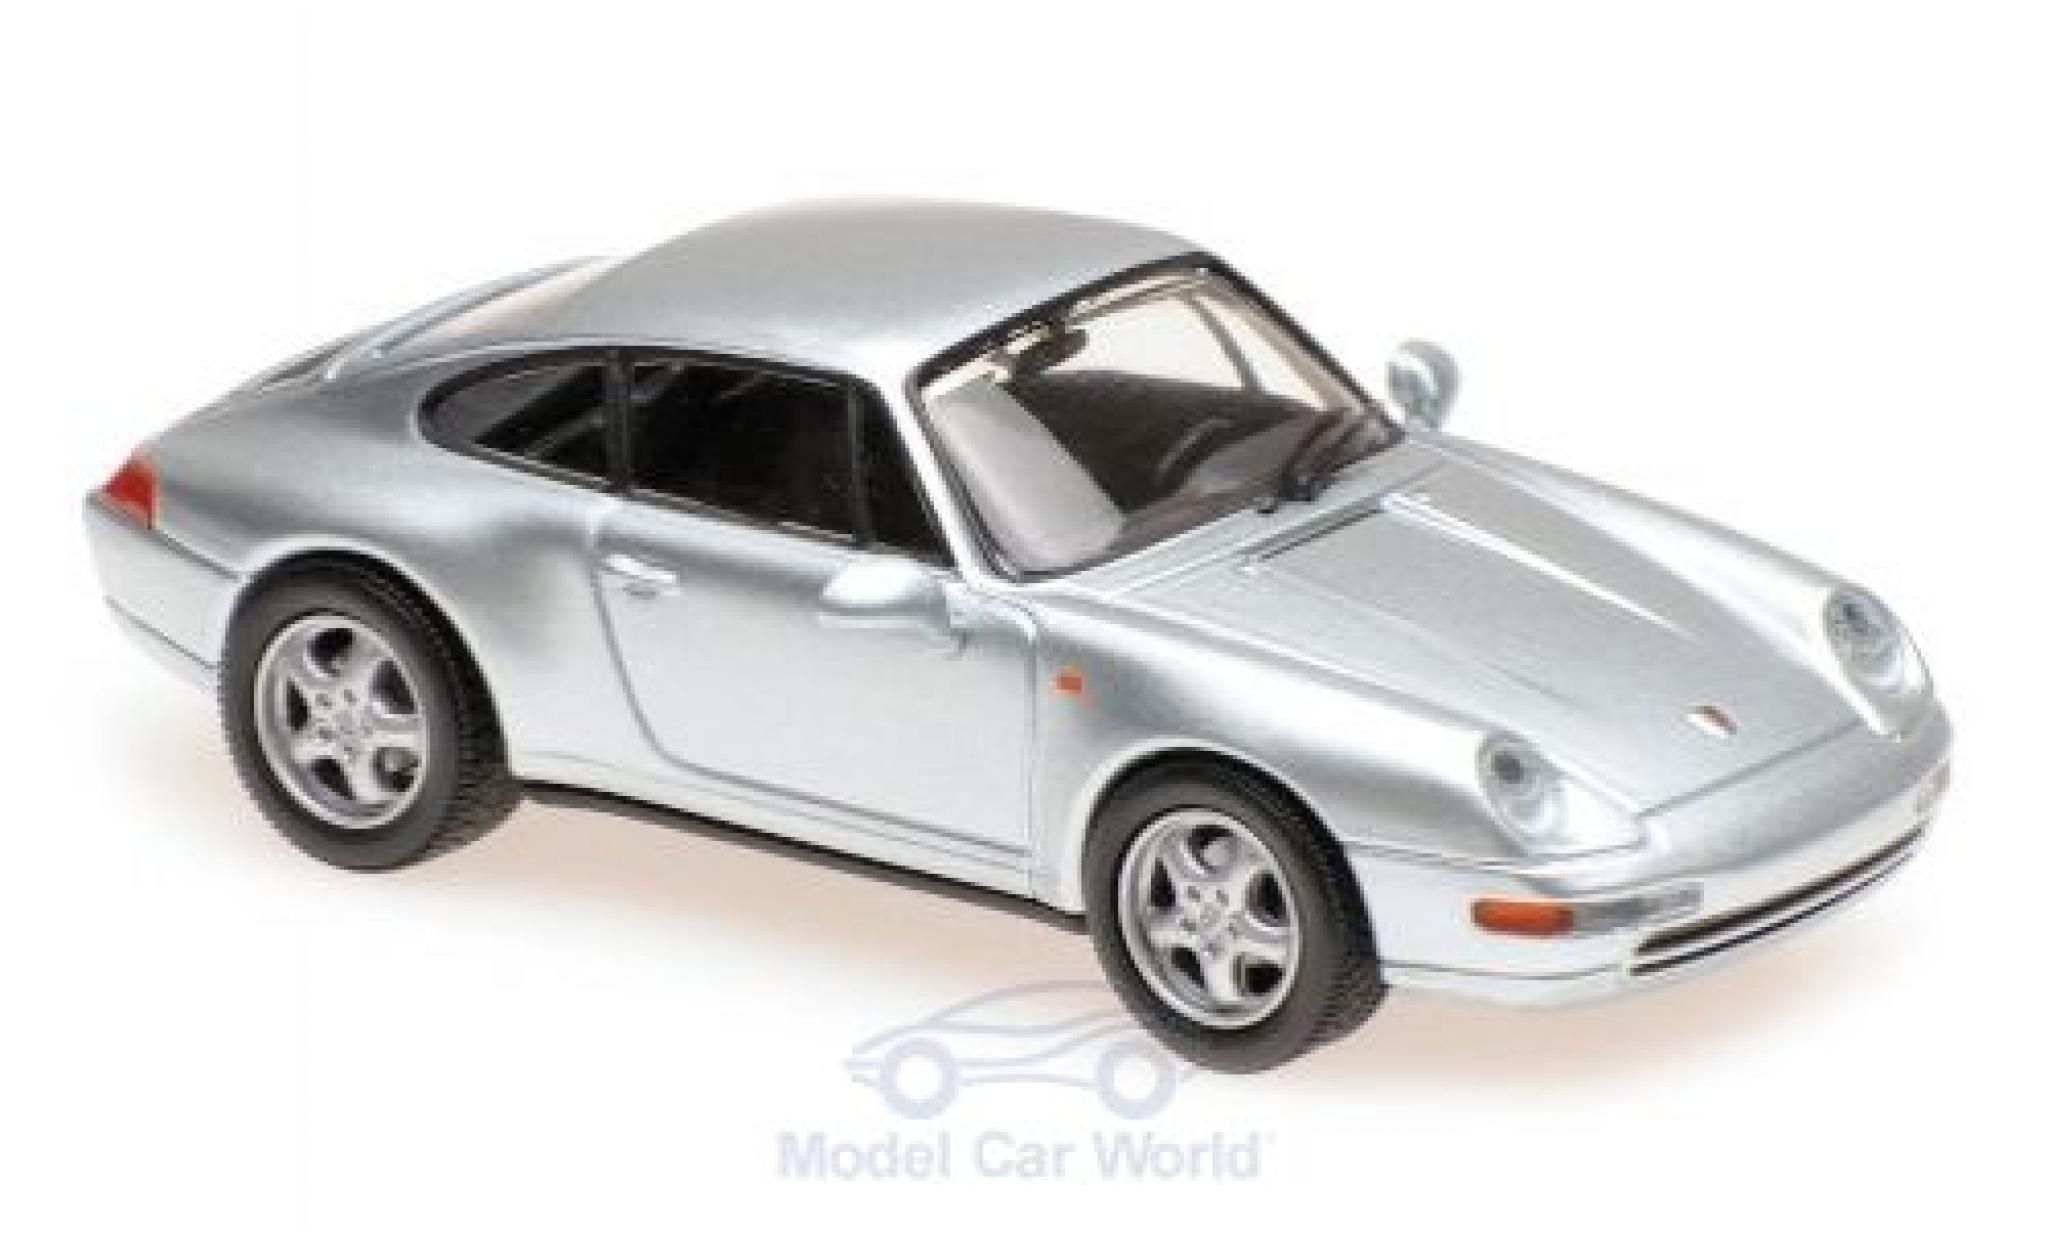 Porsche 911 1/43 Maxichamps (993) grise 1993